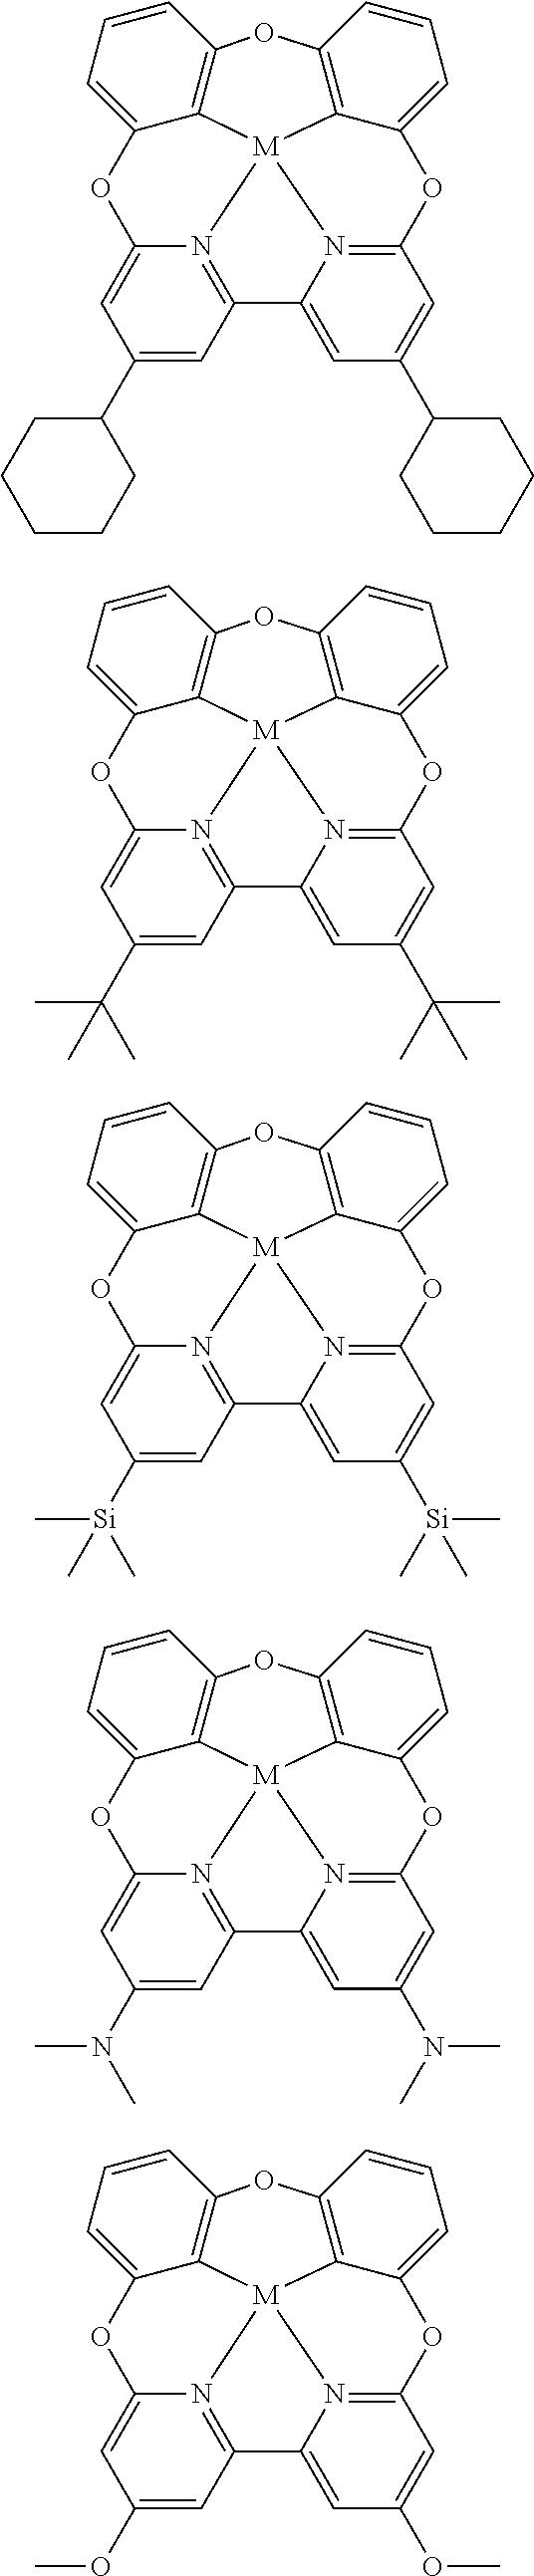 Figure US10158091-20181218-C00040